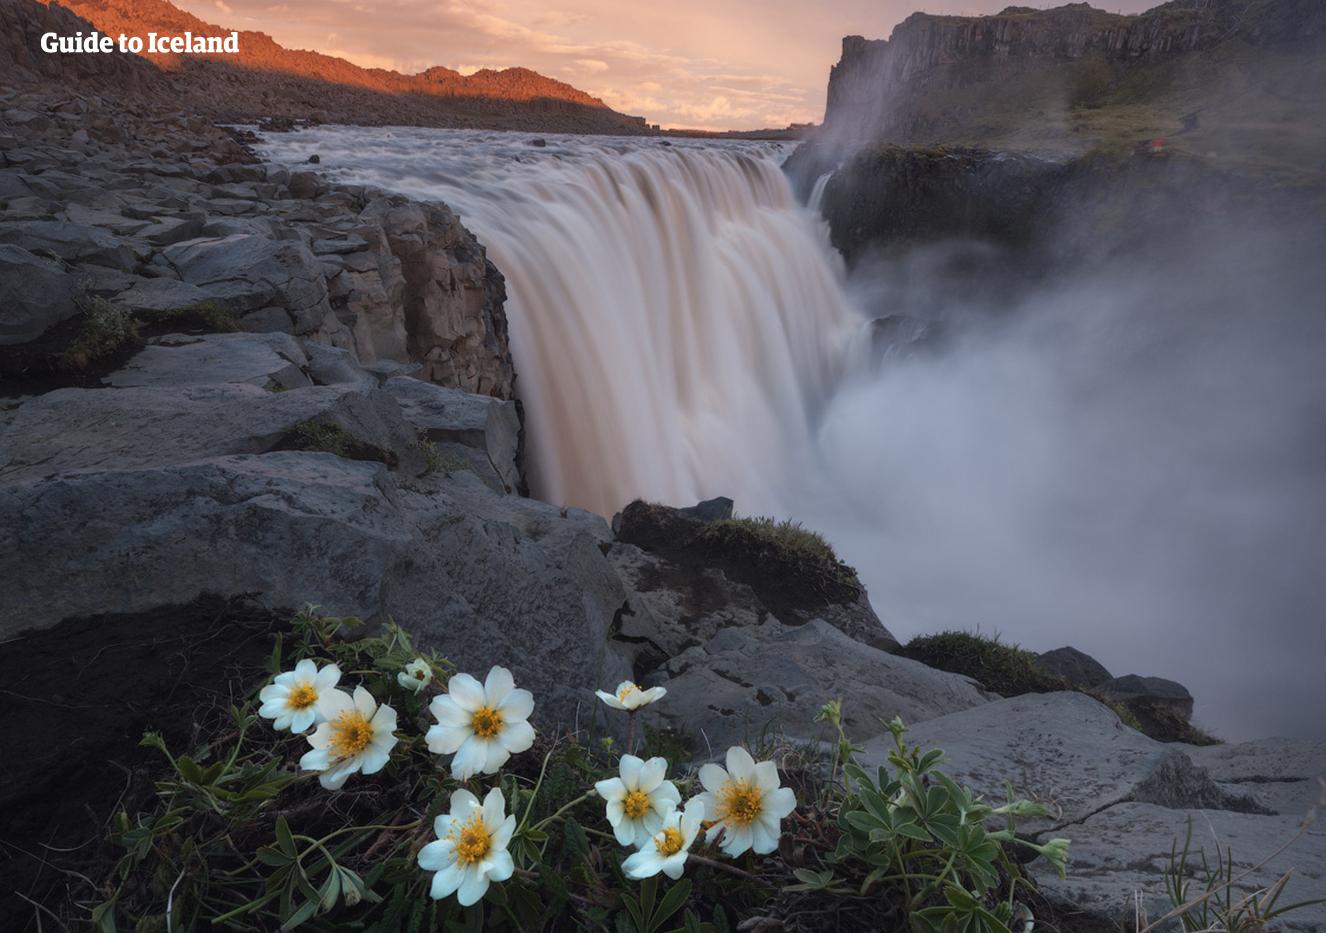 Восхитительный водопад Деттифос на юго-западе Исландии.